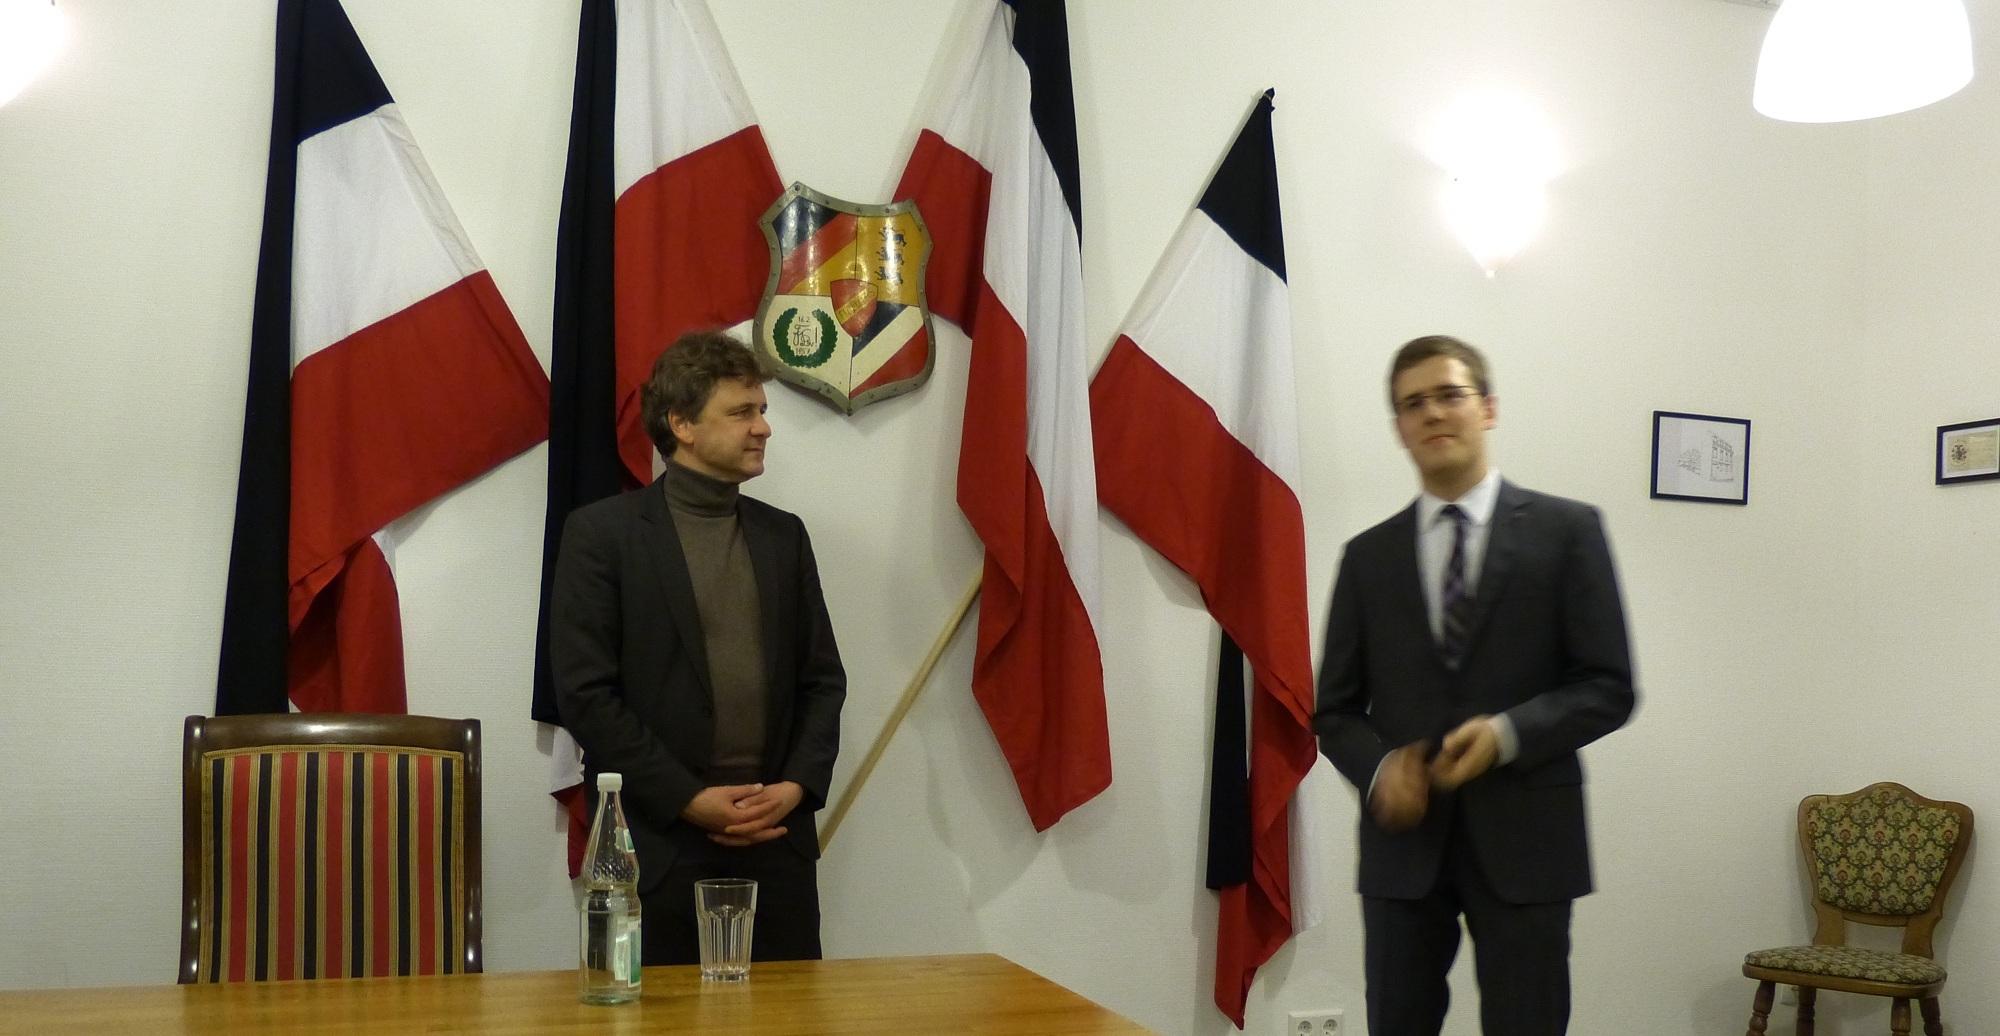 Vortrag OB-Kandidat Dr. Frank Mentrup (SPD, MdL)